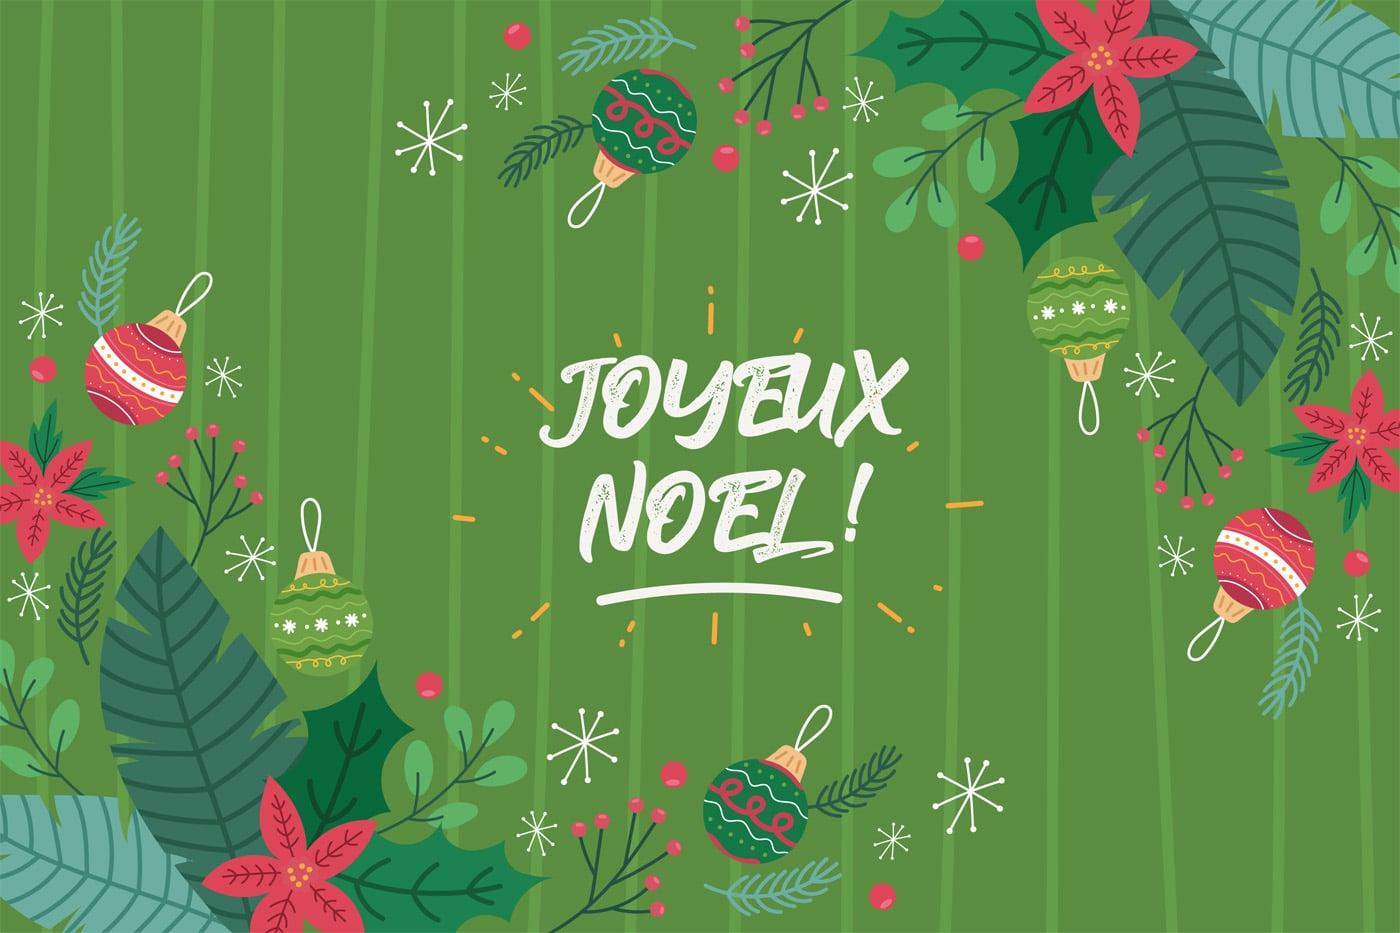 """Résultat de recherche d'images pour """"joyeux noel"""""""""""